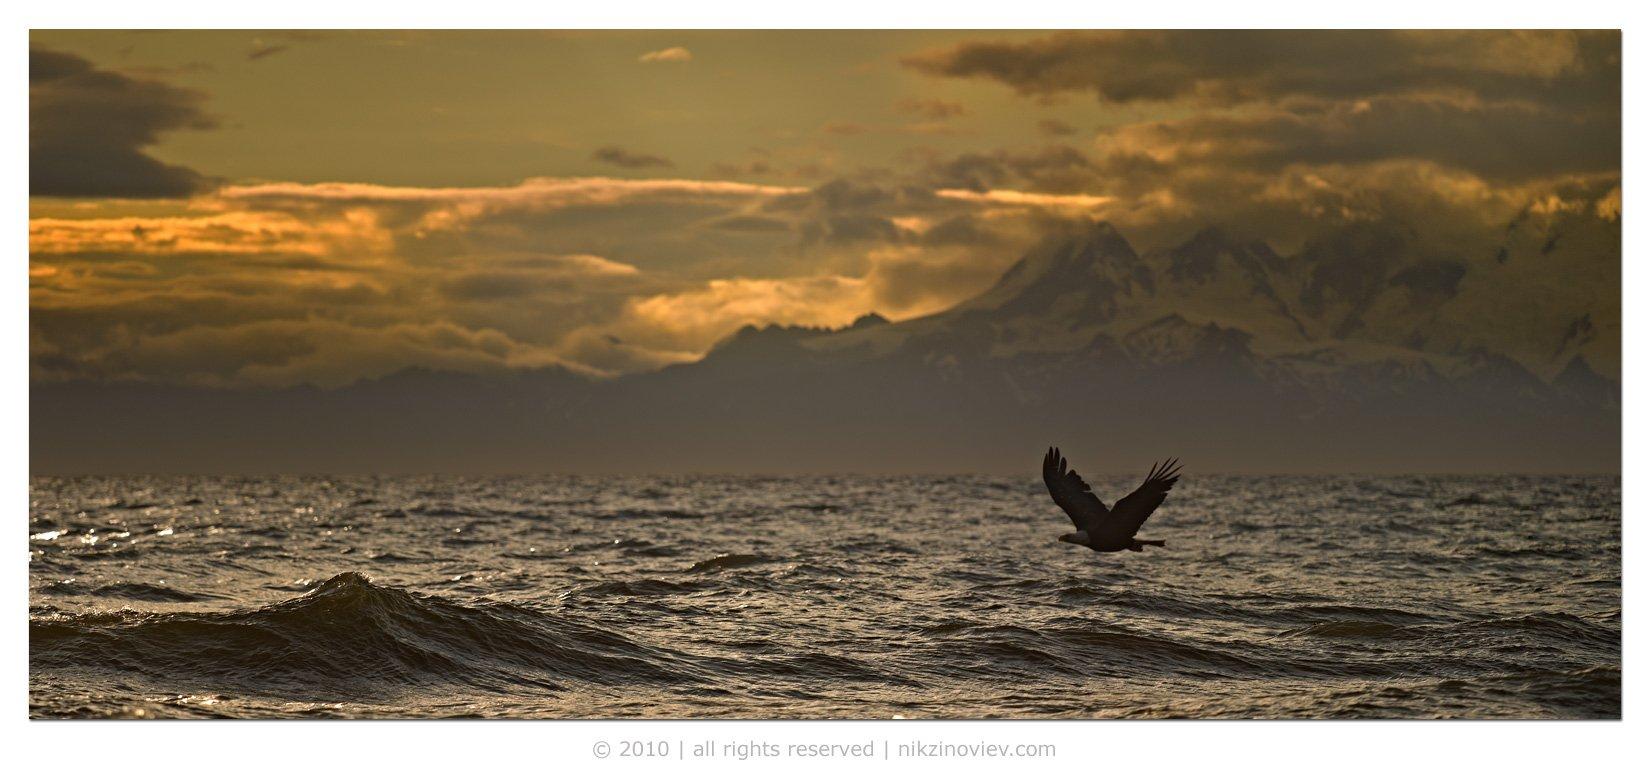 белоголовый орлан, пейзаж, аляска, сша, Николай Зиновьев